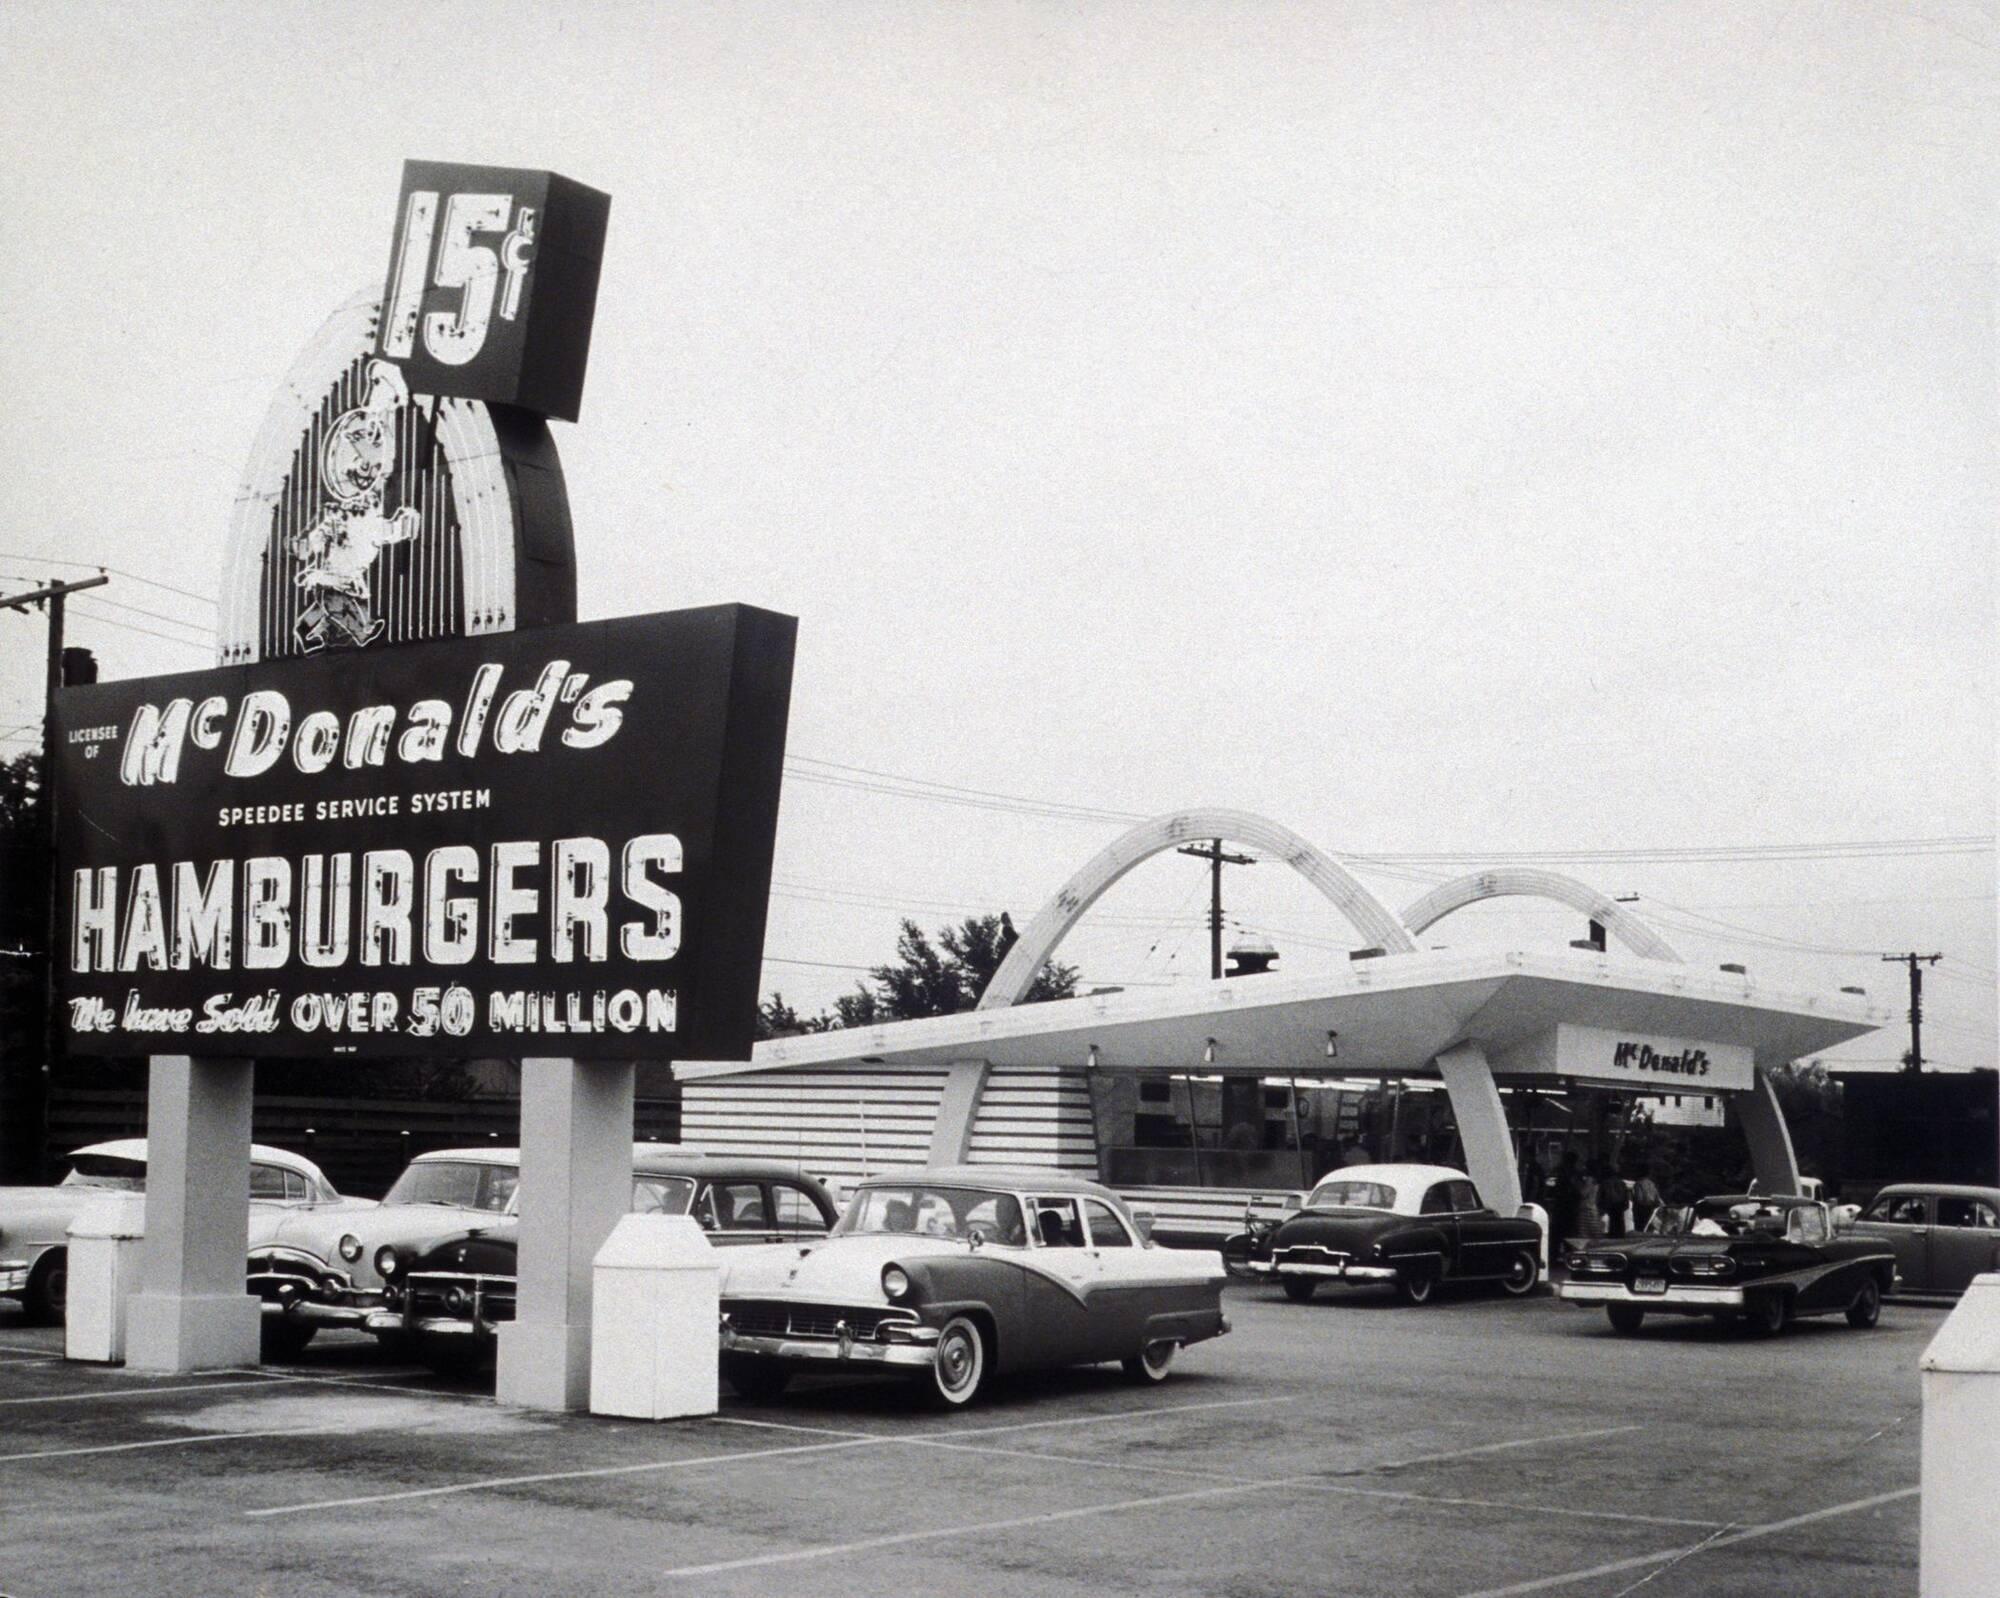 Найбільшою популярністю гамбургери зобов'язані компанії McDonald's. Перший ресторан мережі, Дес-Плейнс, Іллінойс, 1955 рік